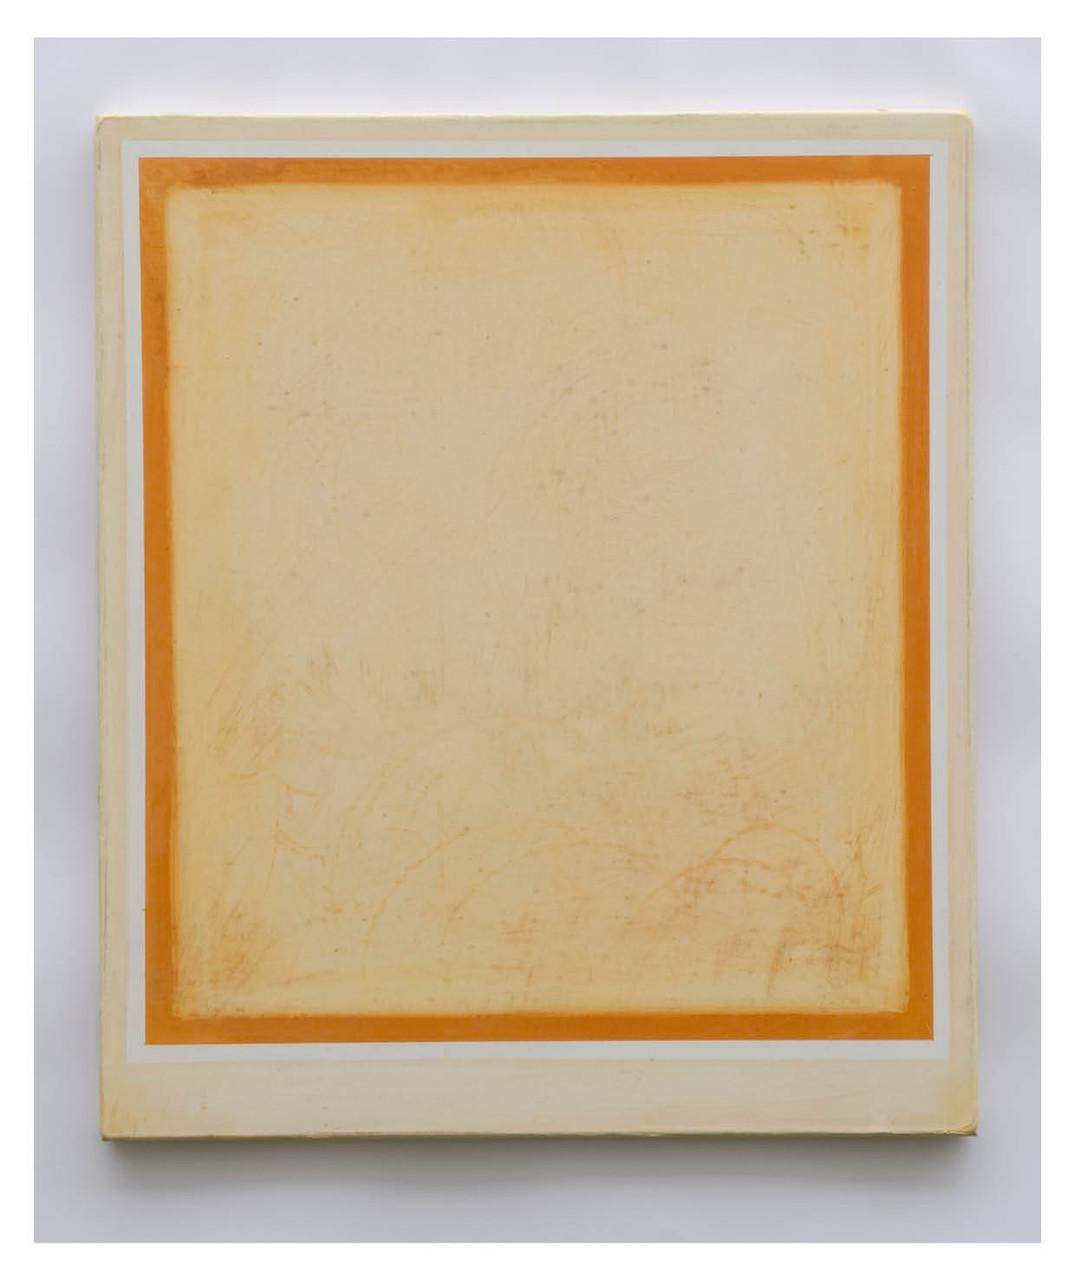 Ohne Titel, 2010, Öl auf Leinwand, 69 x 95 cm